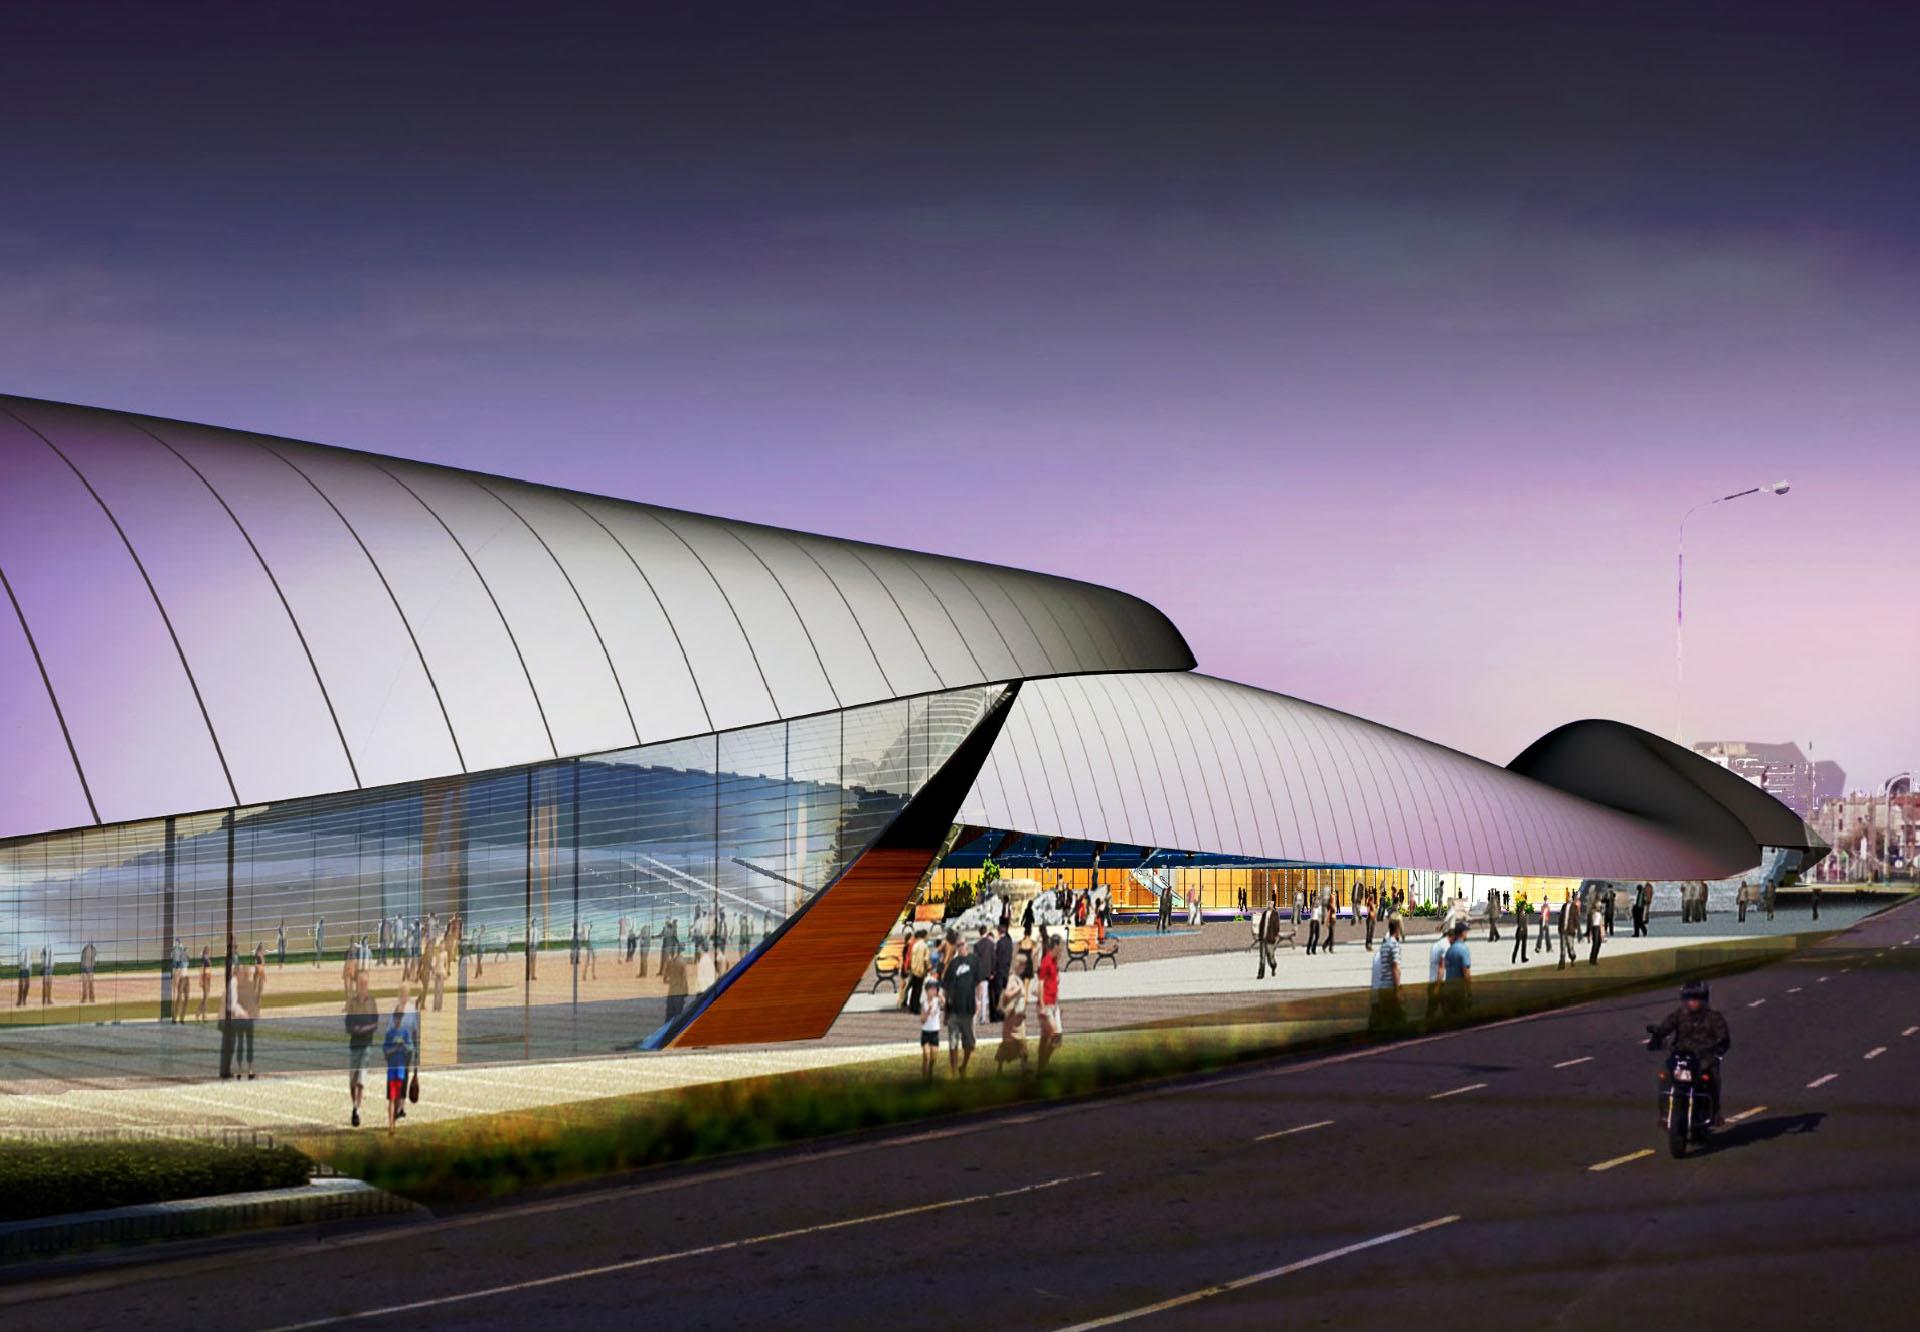 El Mercado Fénix busca establecerse como un gran lugar para eventos y entretenimientos pero manteniendo la esencia del lugar por excelencia de Mar del Plata